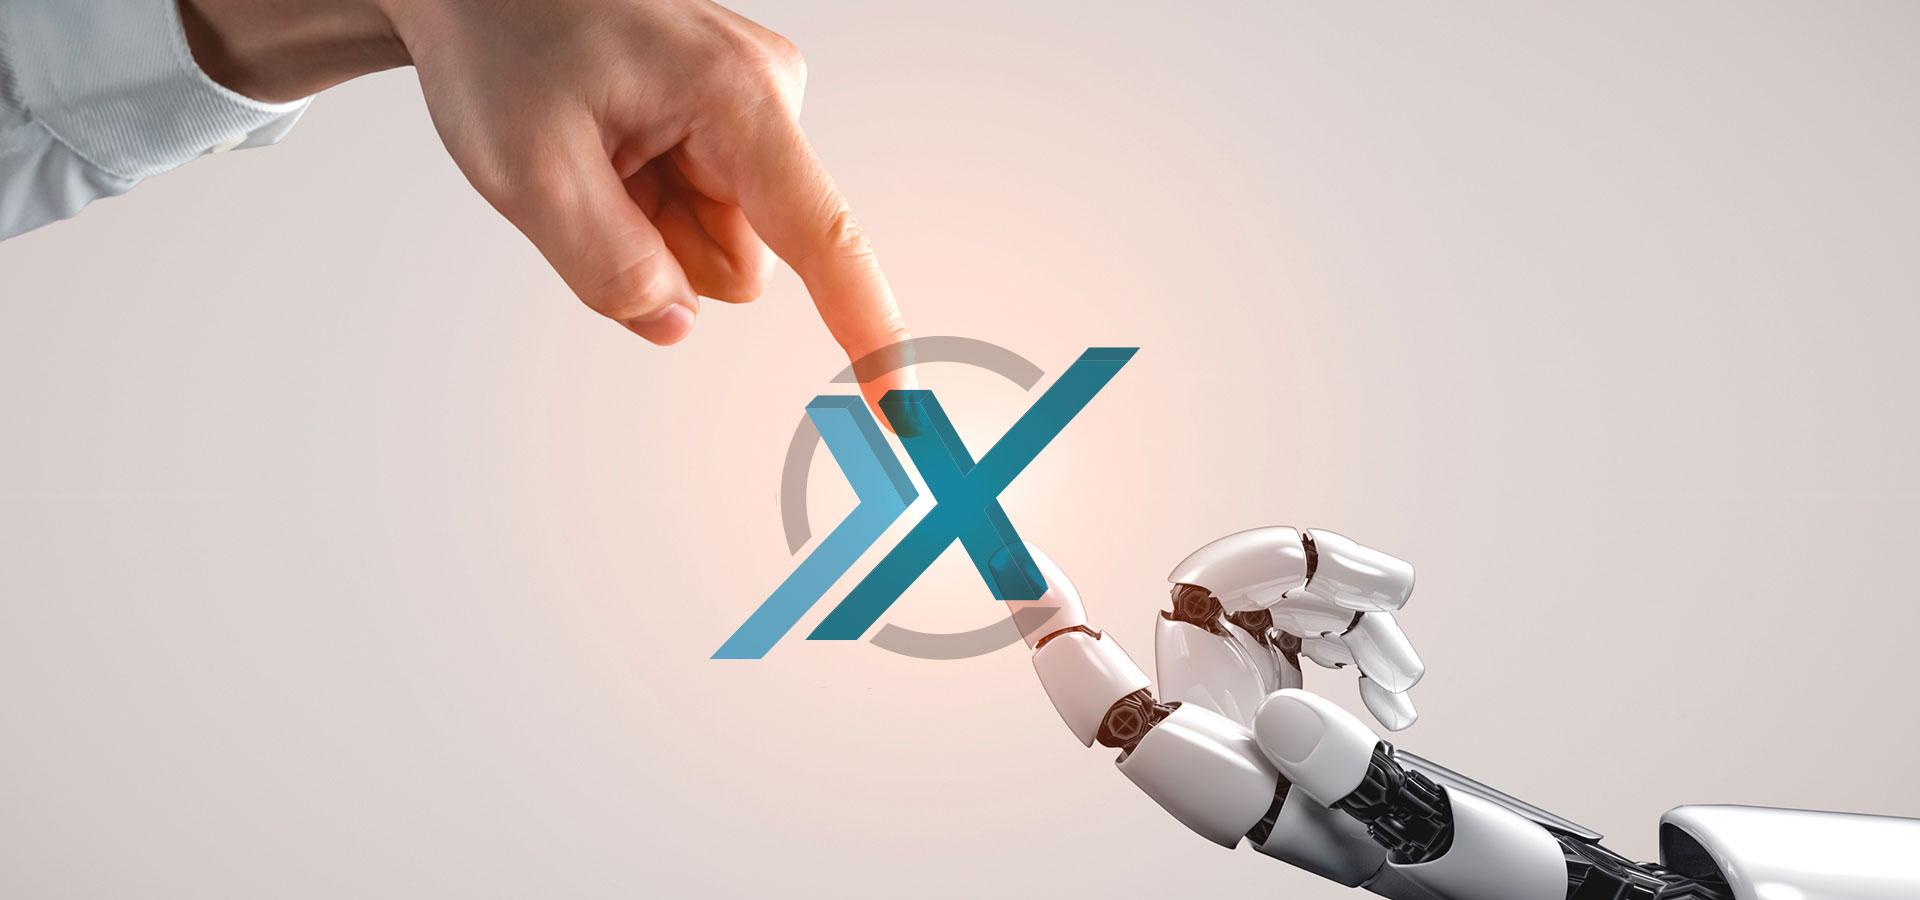 robot coexistant